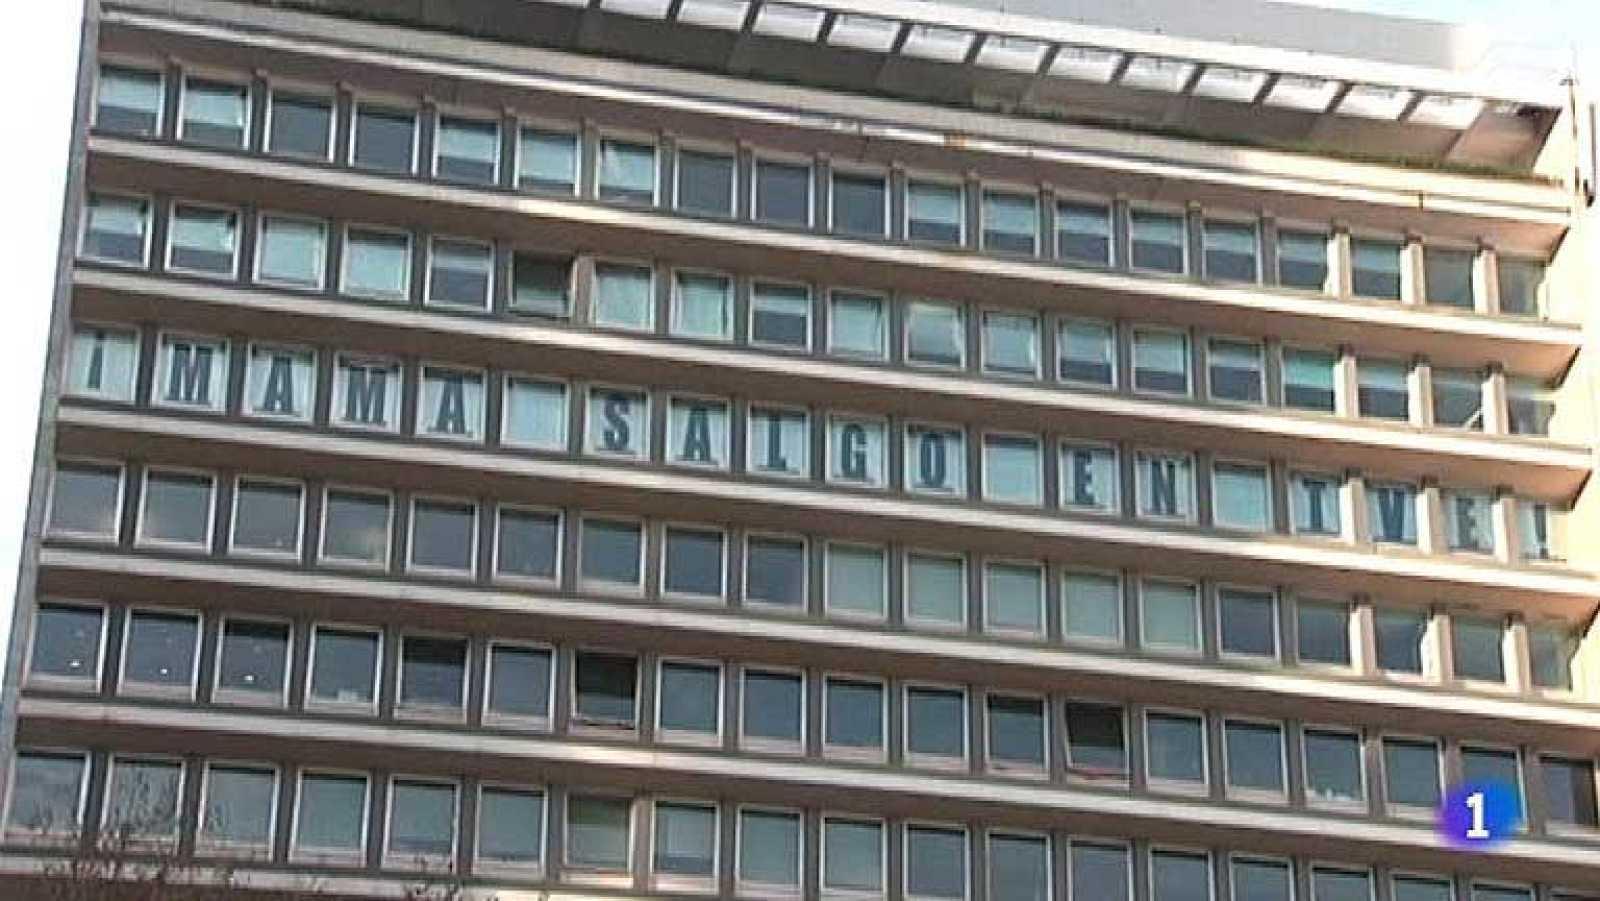 Una agencia de publicidad de Lisboa ha tenido la idea de usar sus ventanas para proyectar mensajes. Con una letra en cada una, escriben frases de contenido positivo.